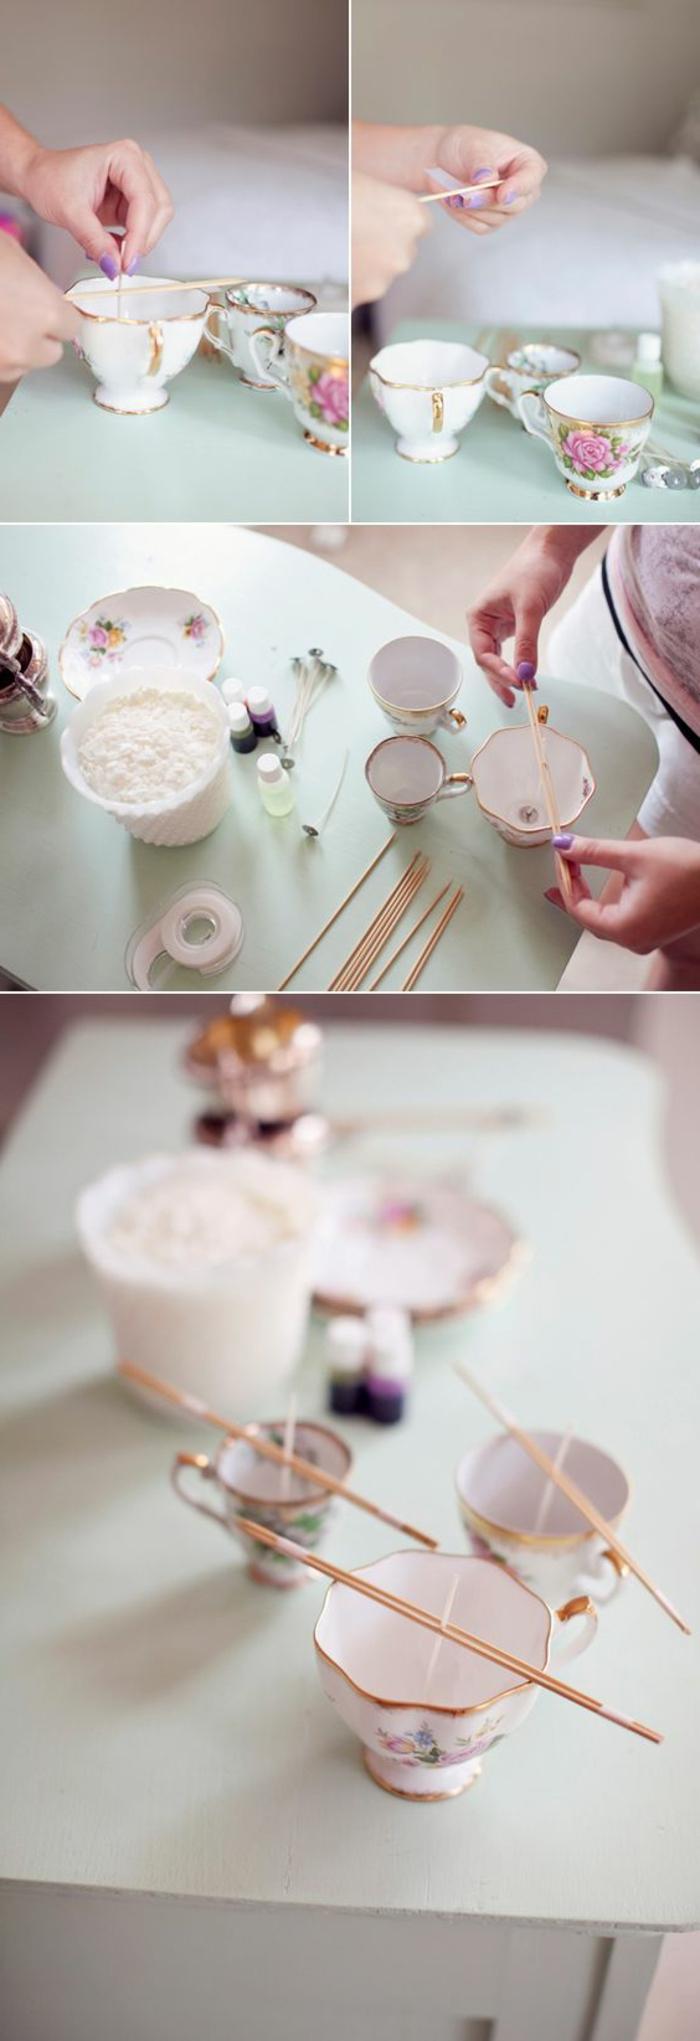 Idea come fare stoppino per candele, tazza da tè utilizzata come portacandele